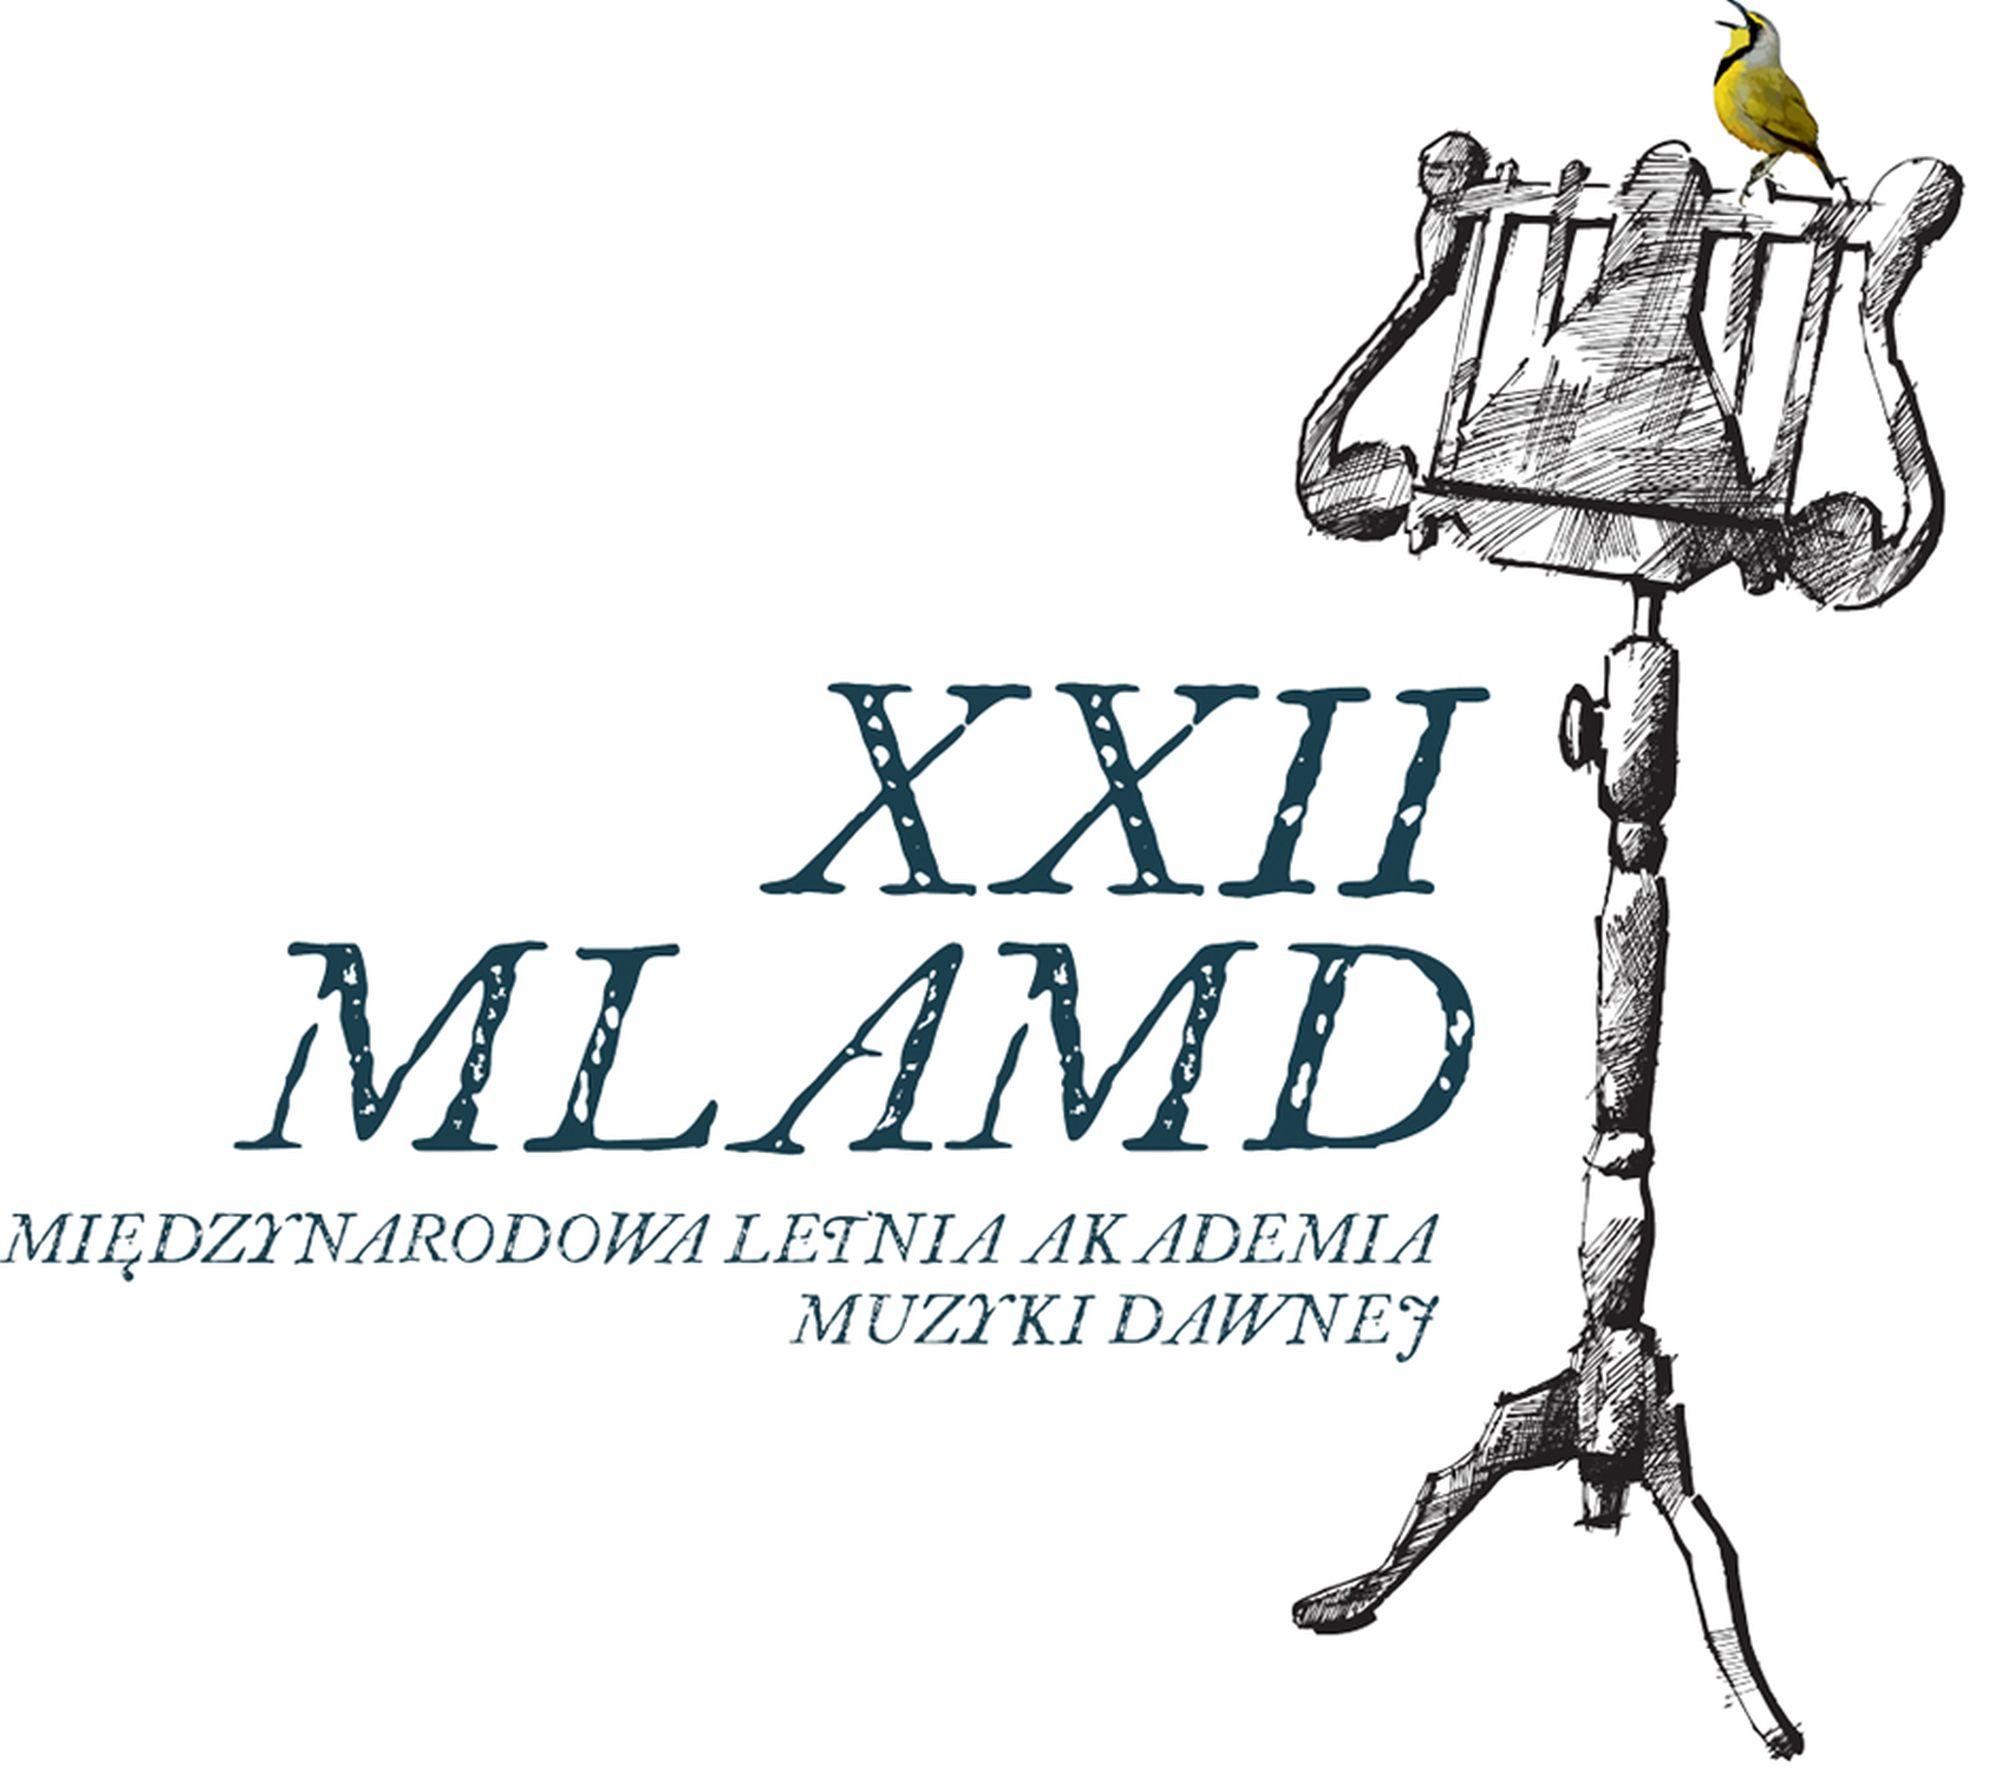 XXII Międzynarodowa Letnia Akademia Muzyki Dawnej – plakat (źródło: materiały prasowe)